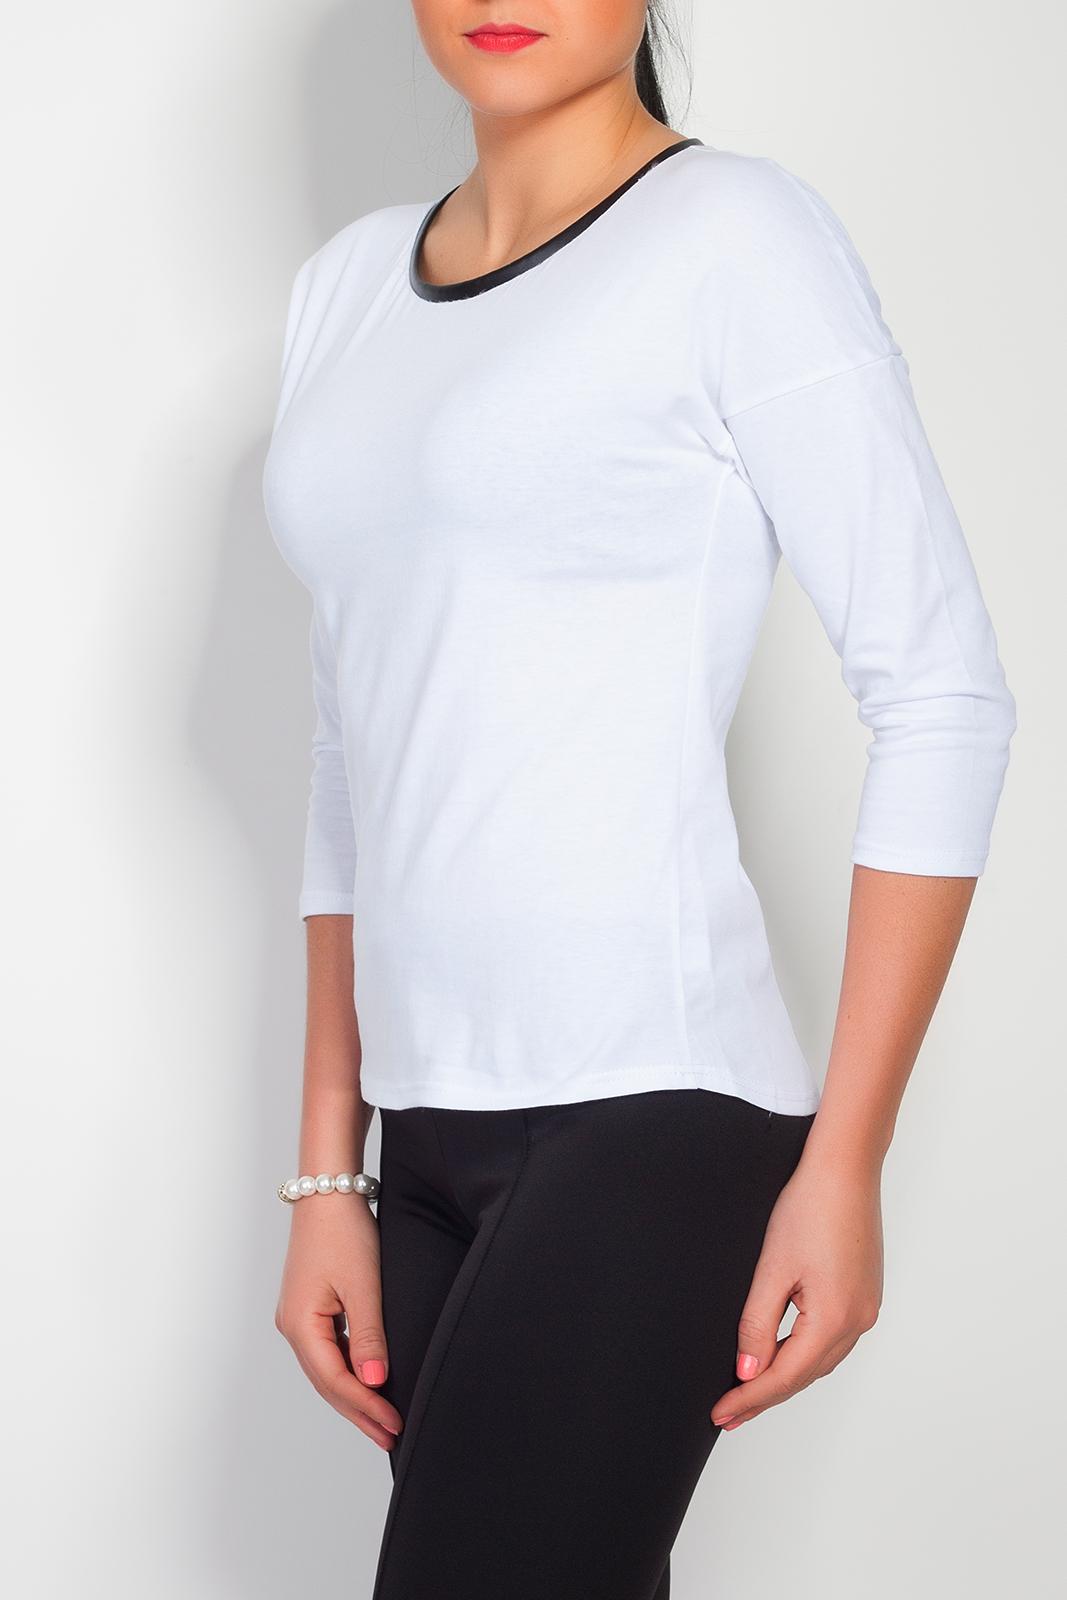 Bavlněné triko se zipem, bílá, jednotná